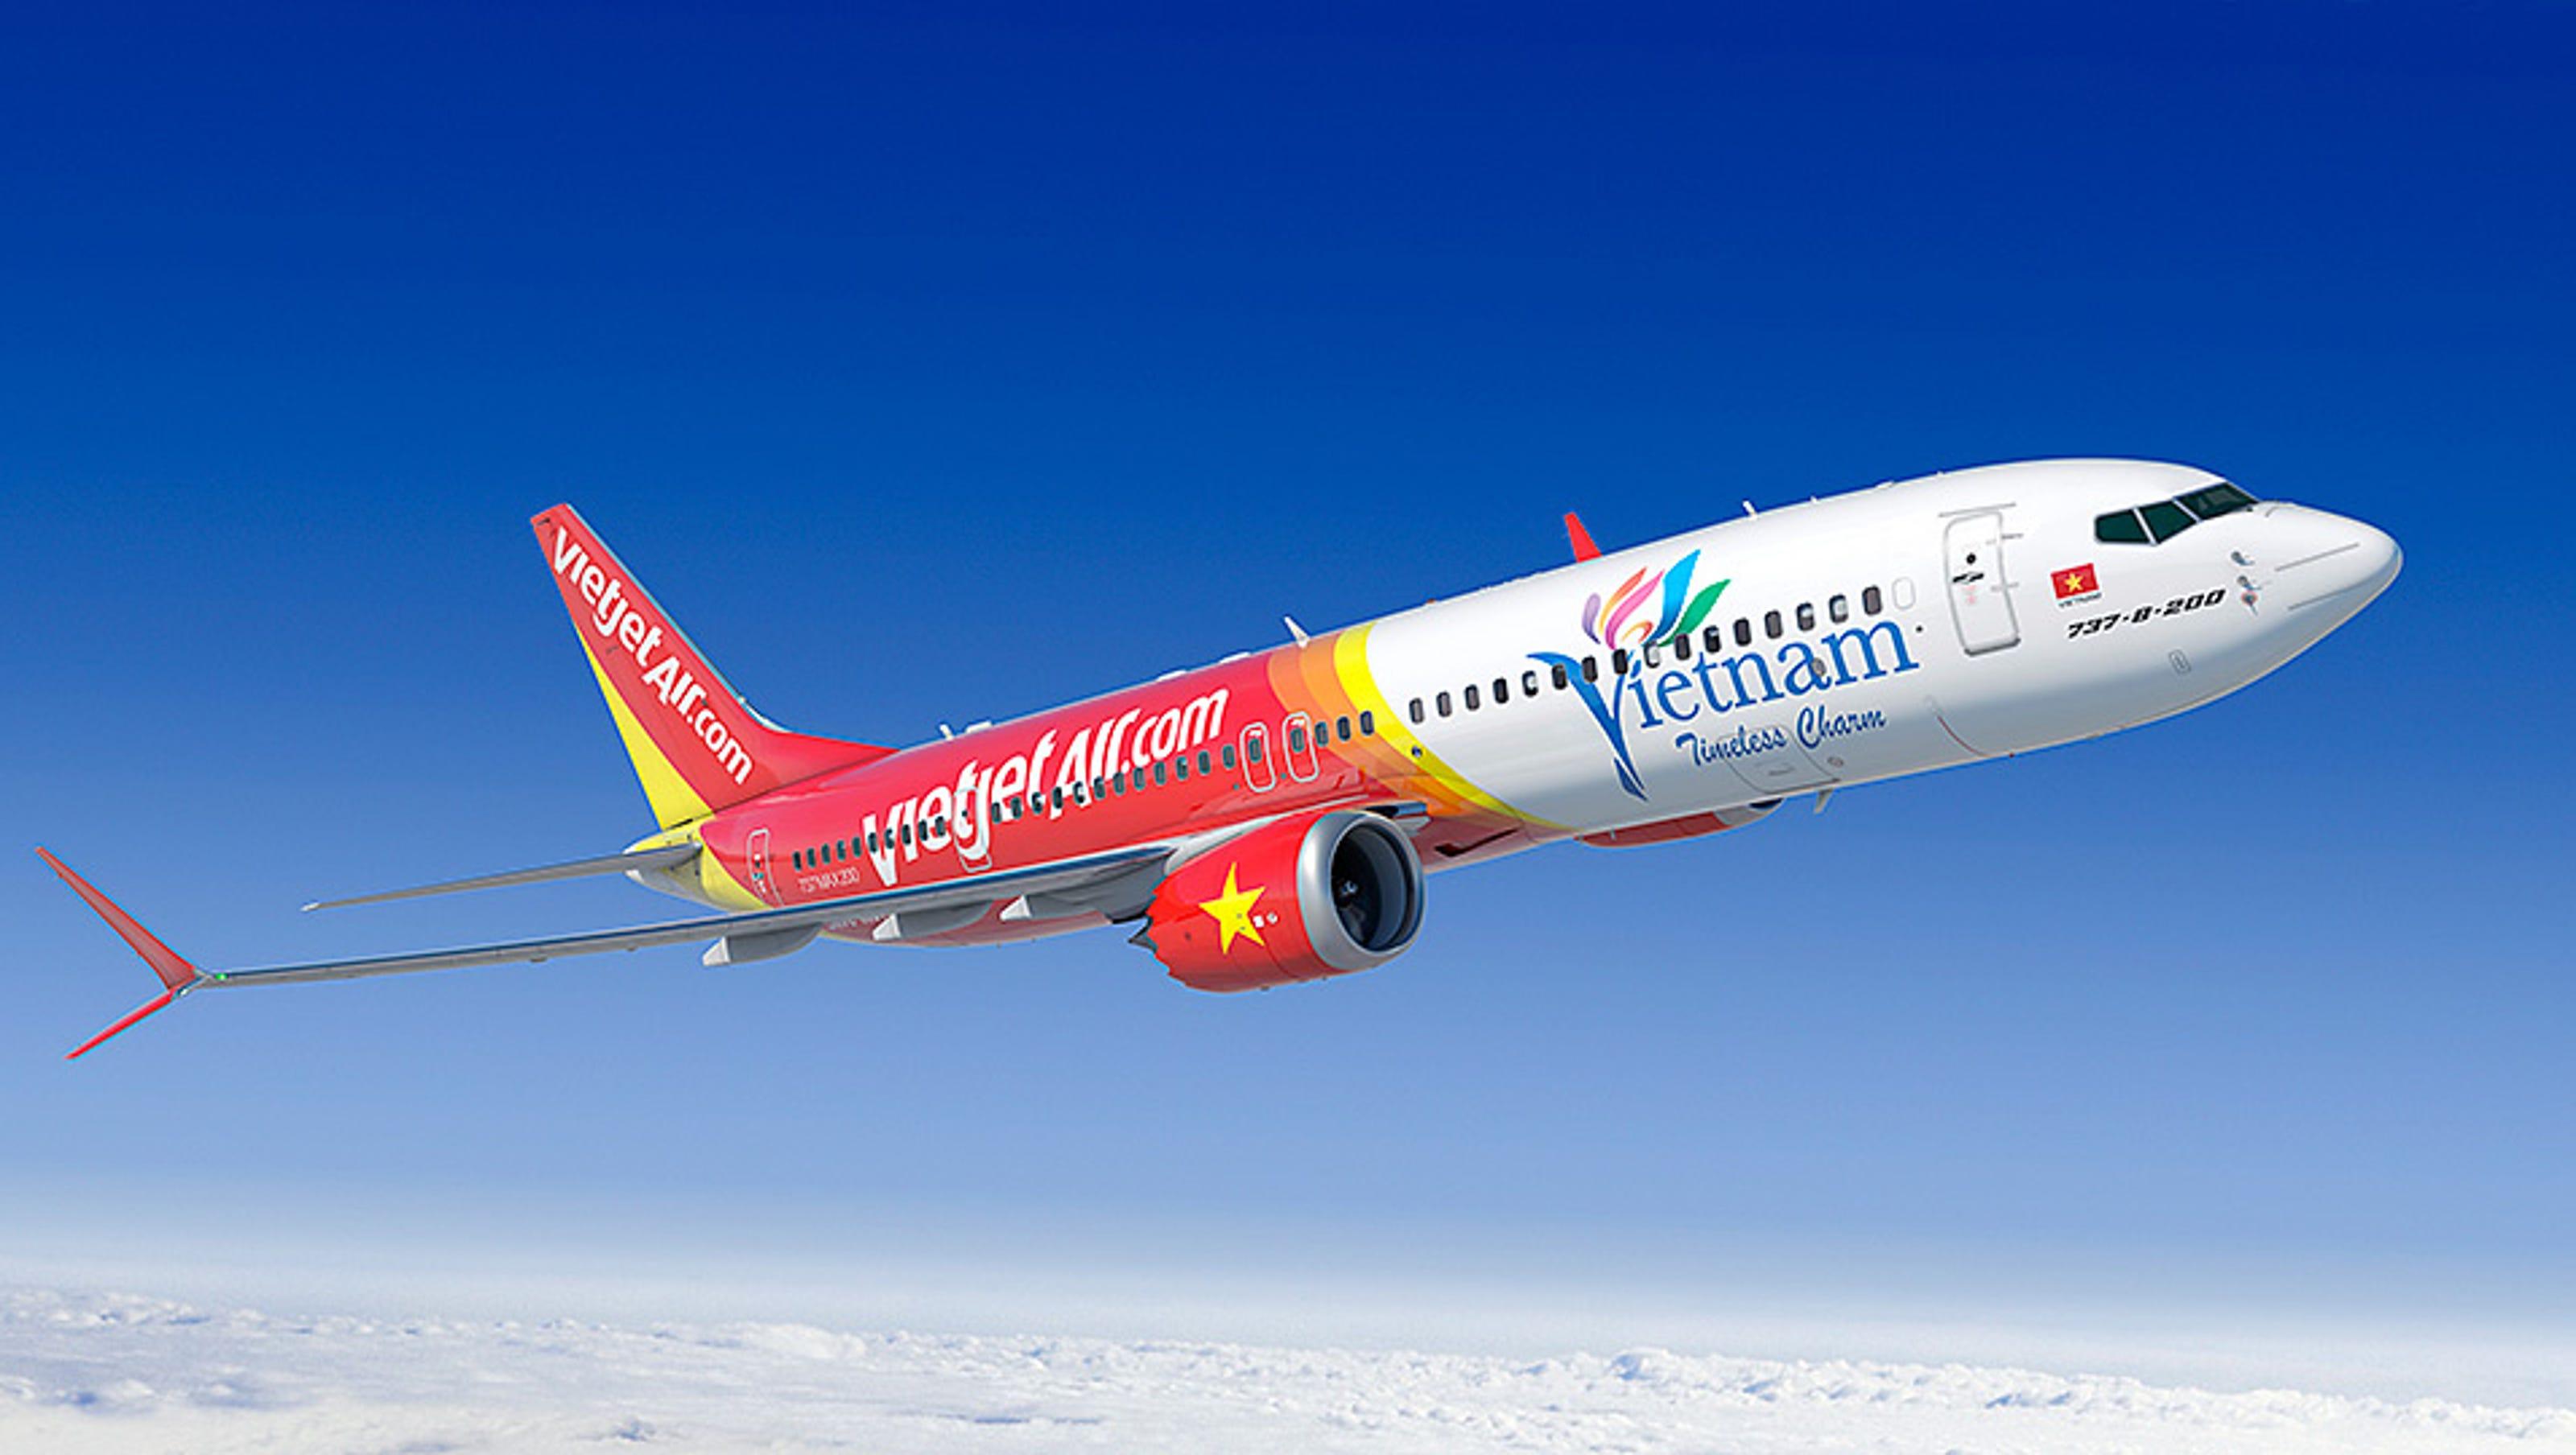 Resultado de imagen para Vietjet Air Boeing 737 MAX